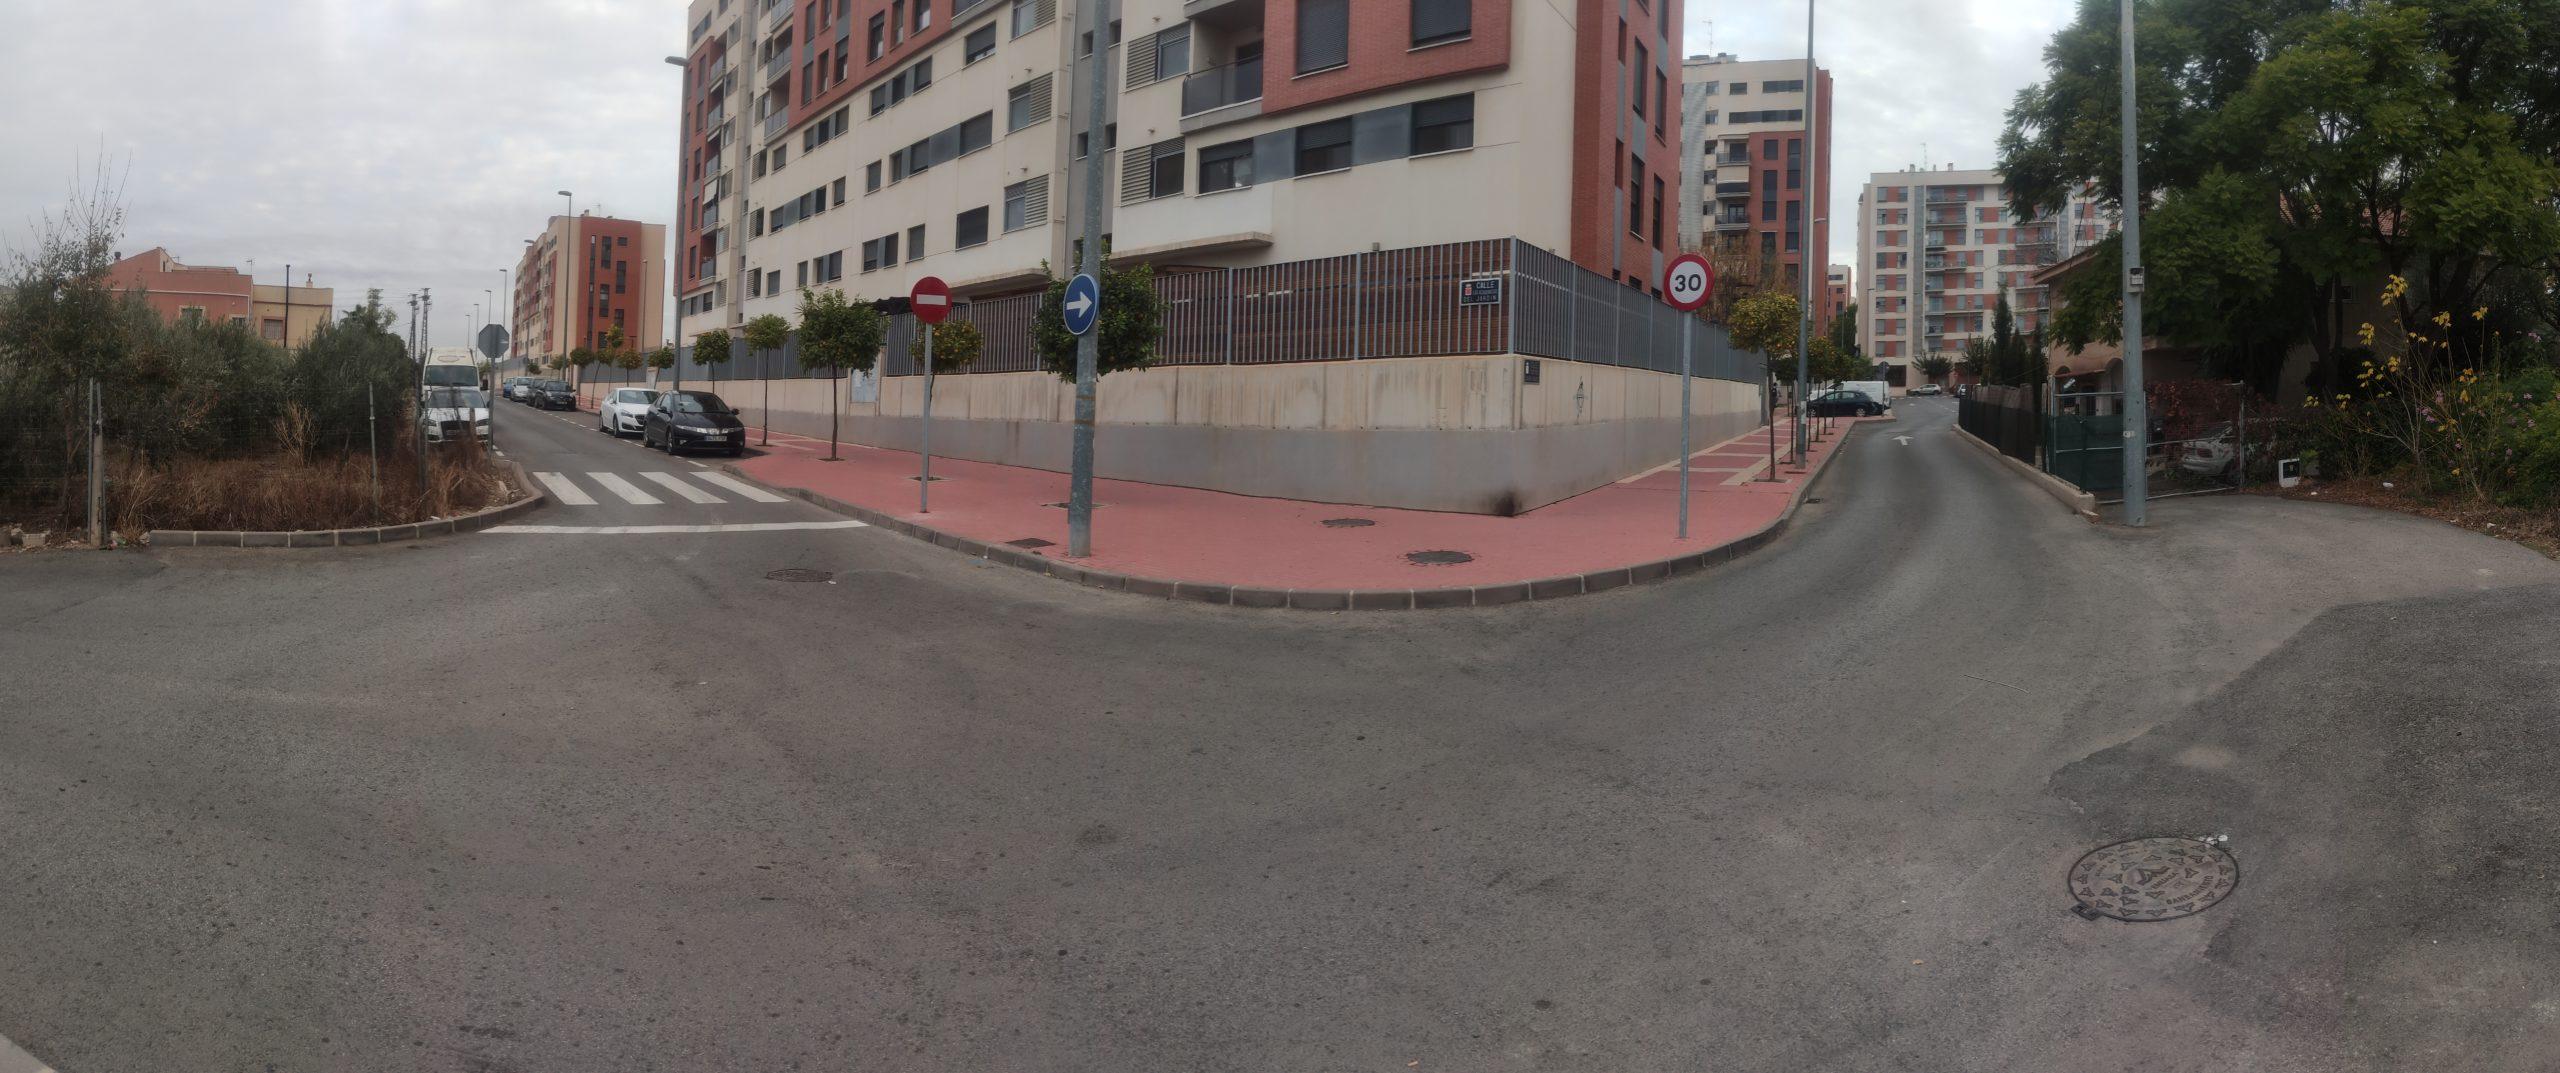 2020-11-13 Panorámica del cruce C/ Académicas del Jardín con Carril del Florero y calle escritor Jerónimo Tristante de Joven Futura con nueva señalización.